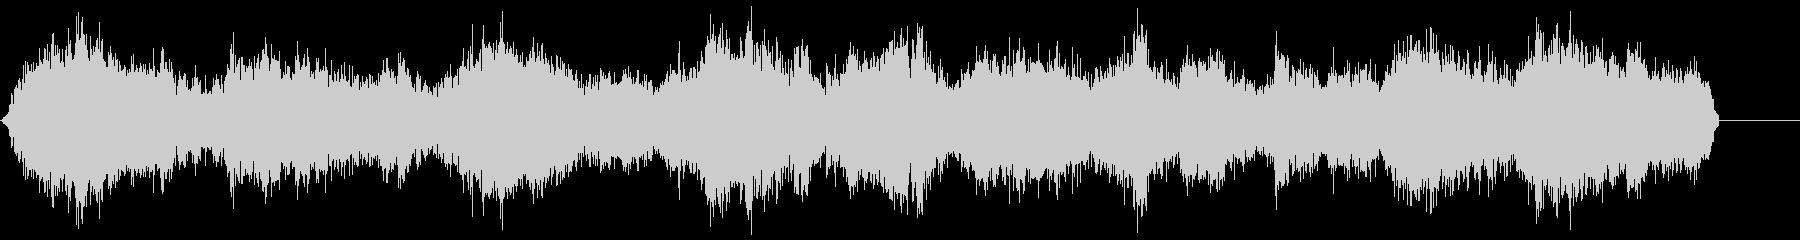 ゾンビ(グループ)うめき声1の未再生の波形